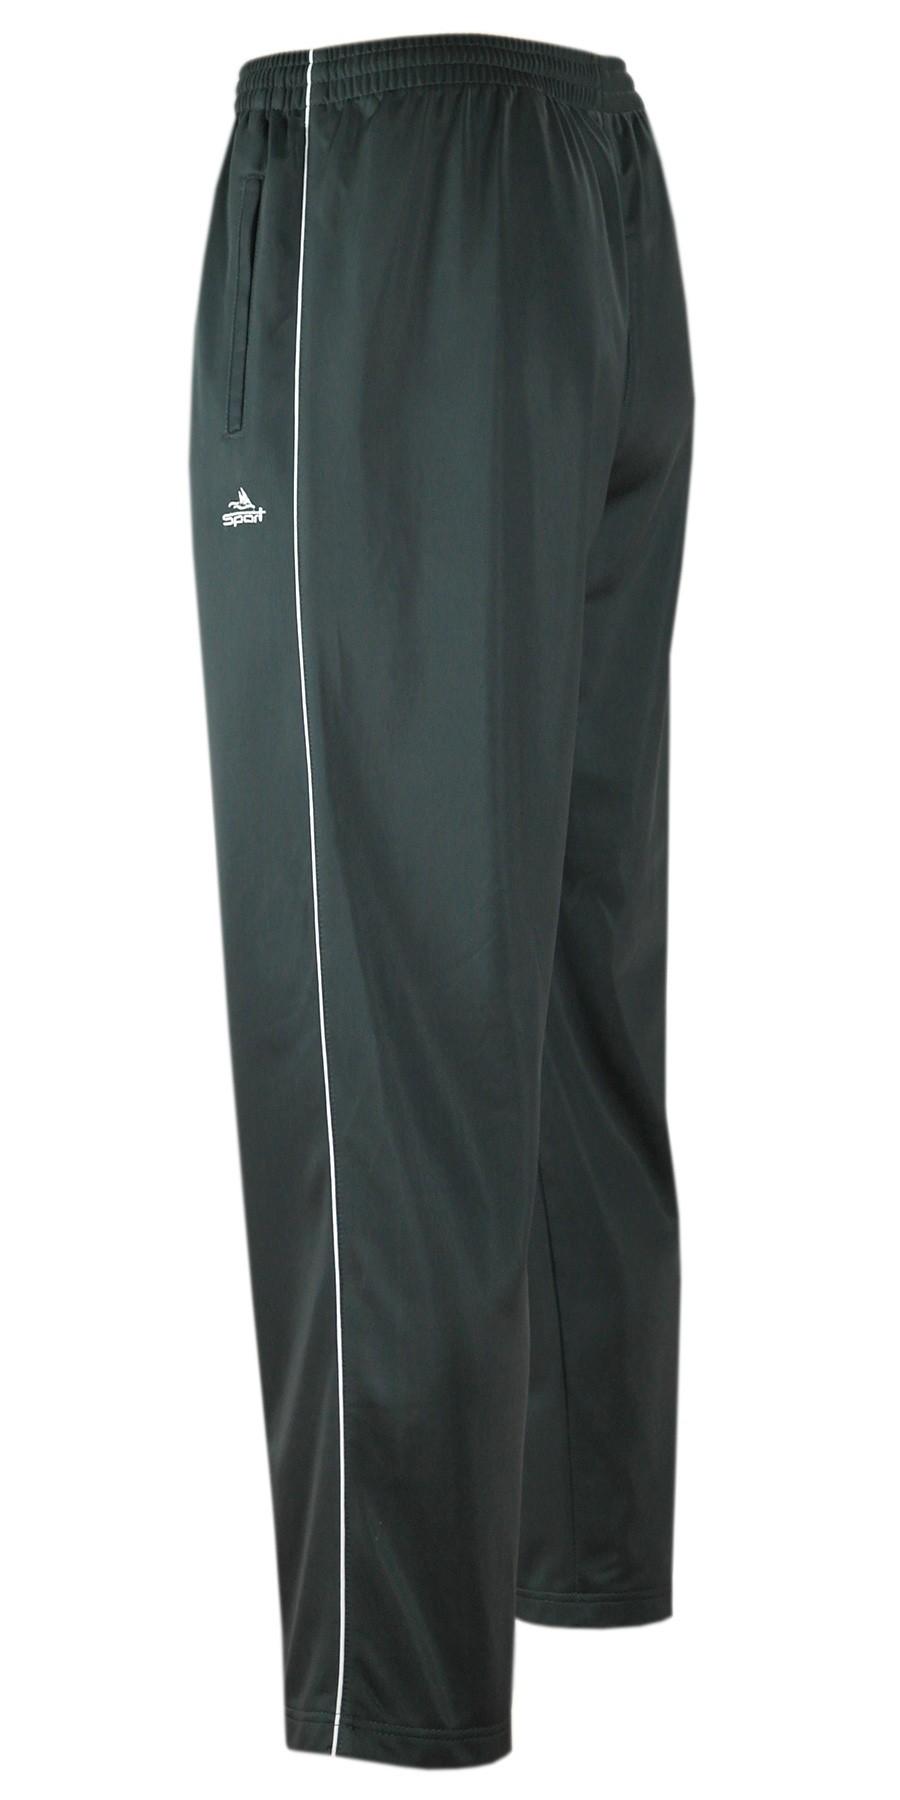 Glänzende Sporthose Herren Freizeit- Jogginghose in Kurzgrößen - grau